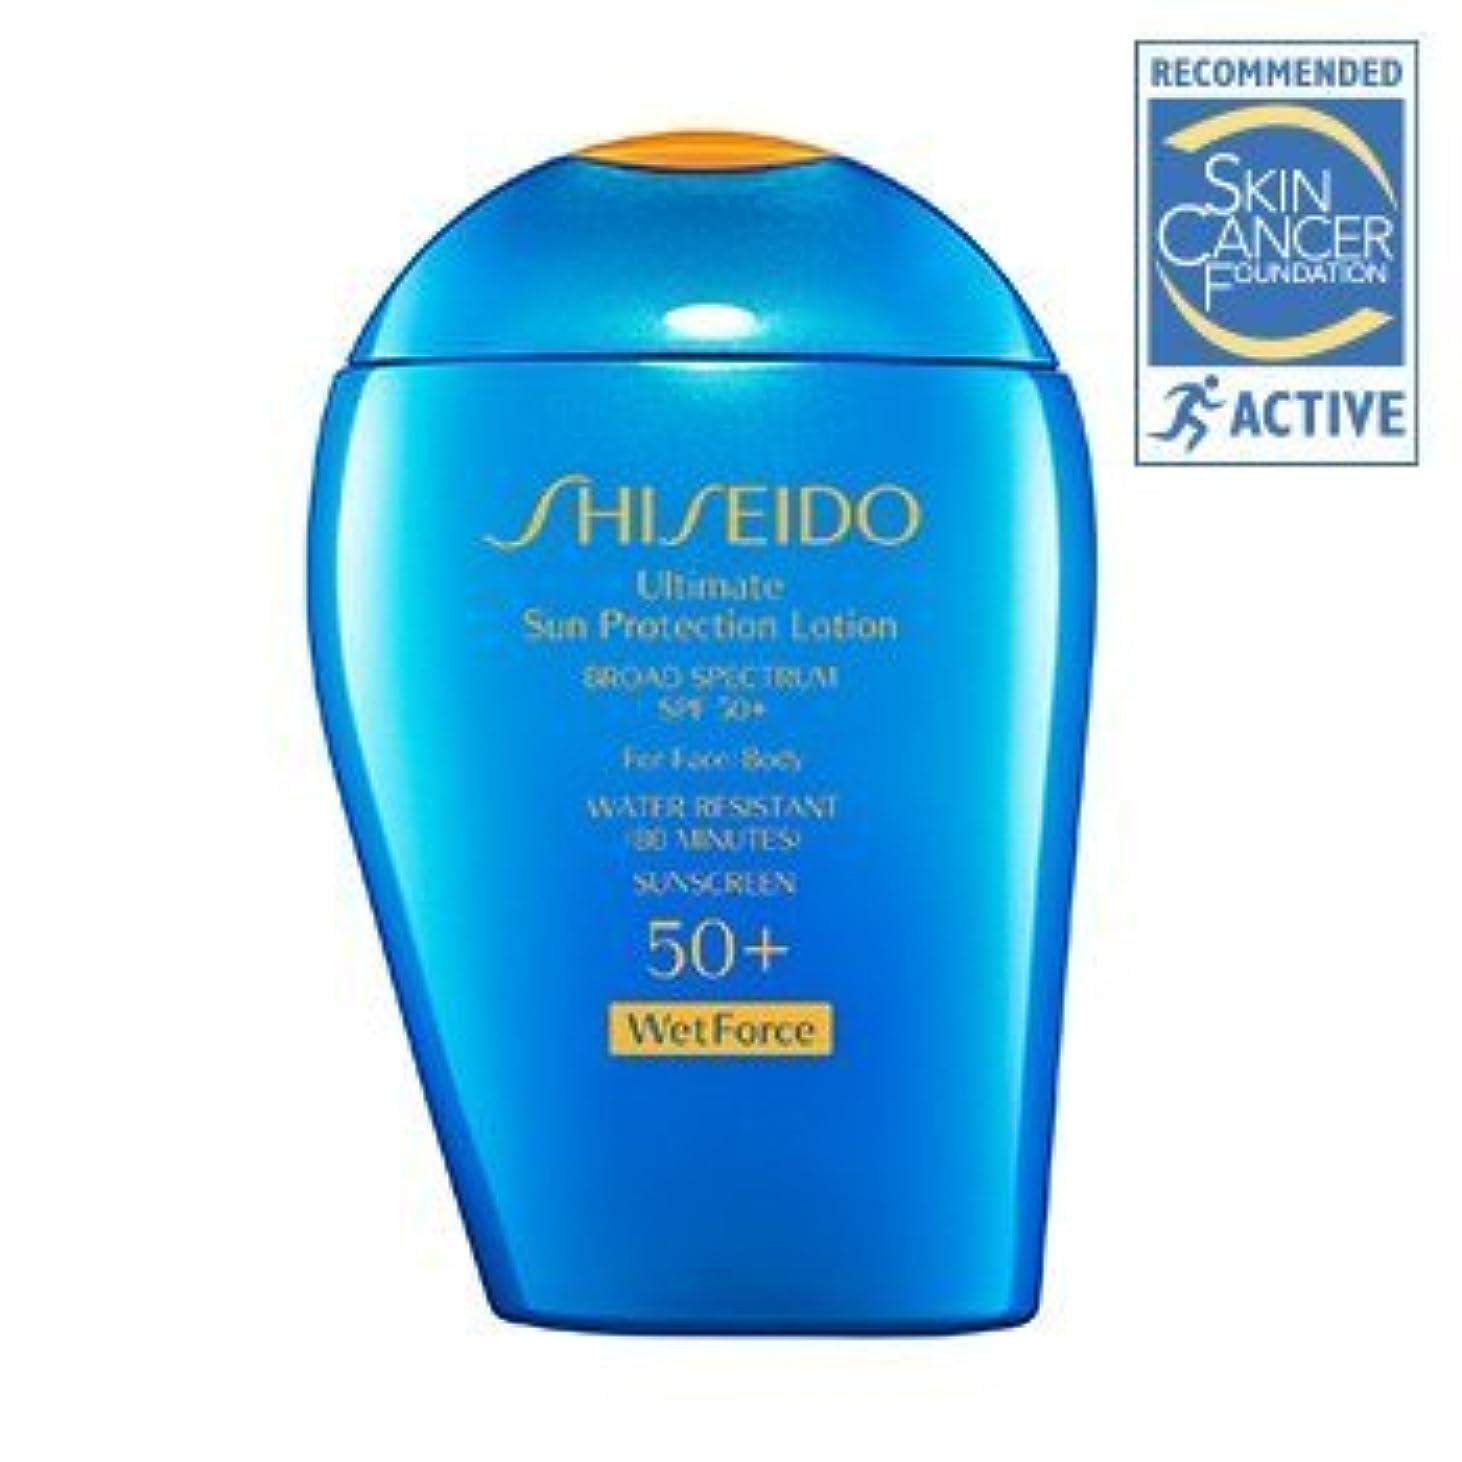 形容詞損傷遺跡Shiseido Ultimate Sun Protection Face & Body Lotion Spf 50 Pa+++ 100Ml/3.4Oz by Shiseido [並行輸入品]